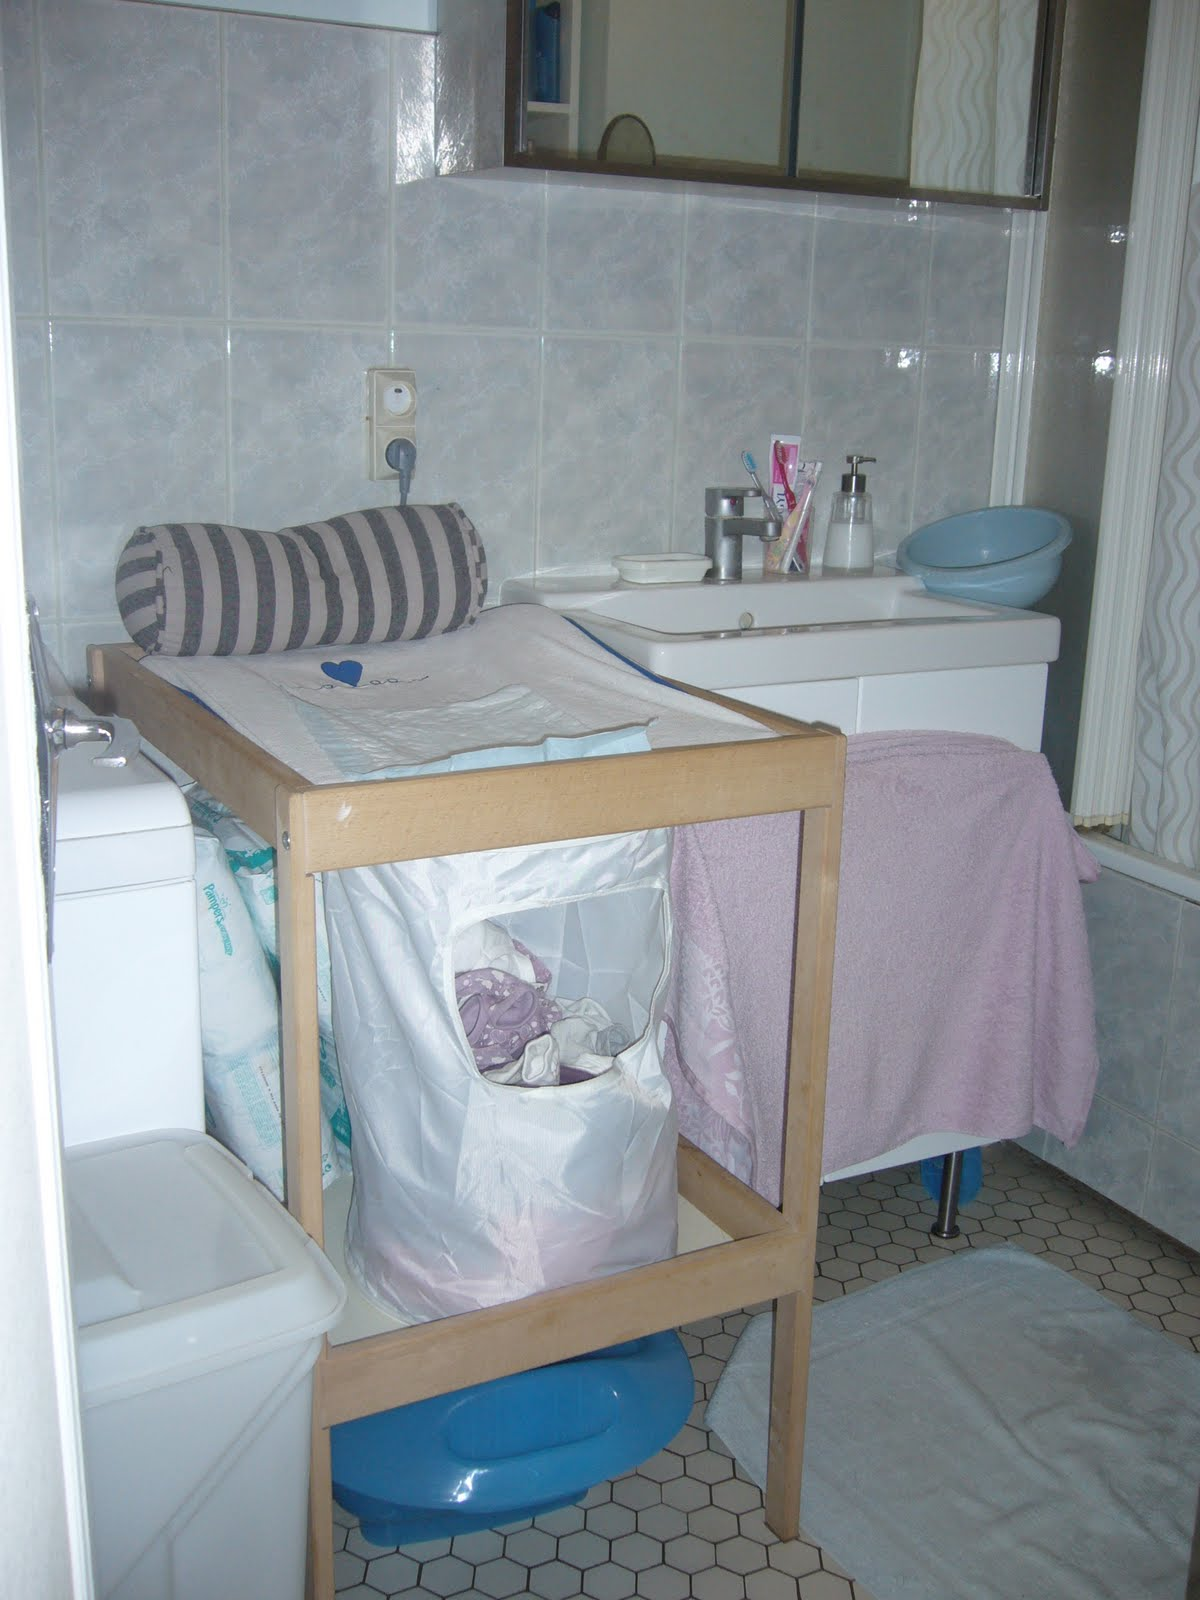 j 39 apprends avec maman avril 2010. Black Bedroom Furniture Sets. Home Design Ideas